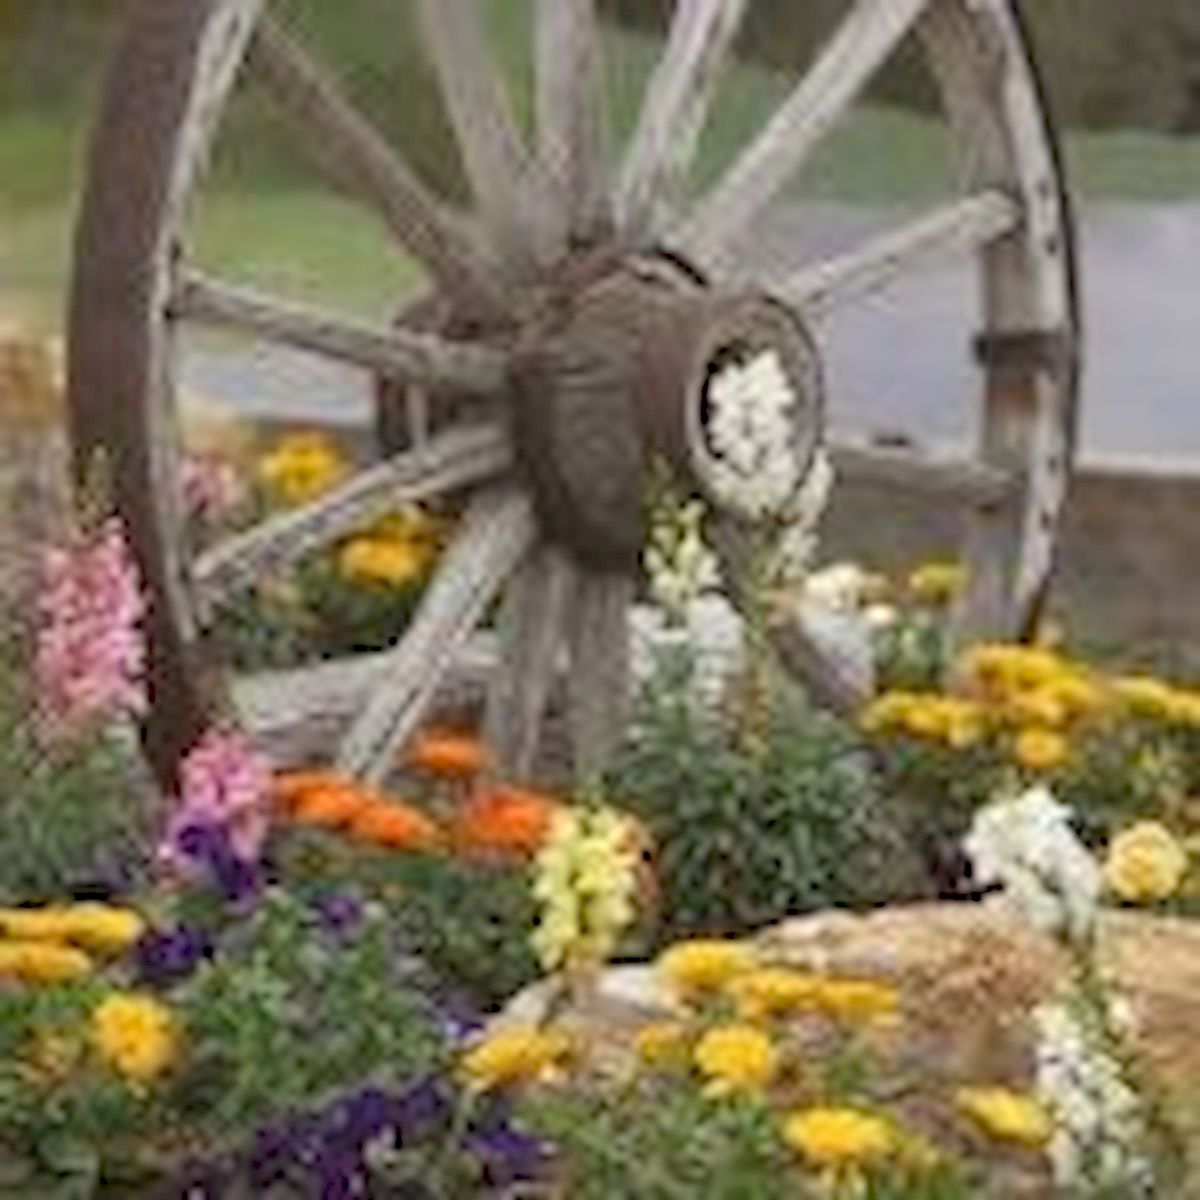 60 Creative DIY Garden Art From Junk Design Ideas (38)